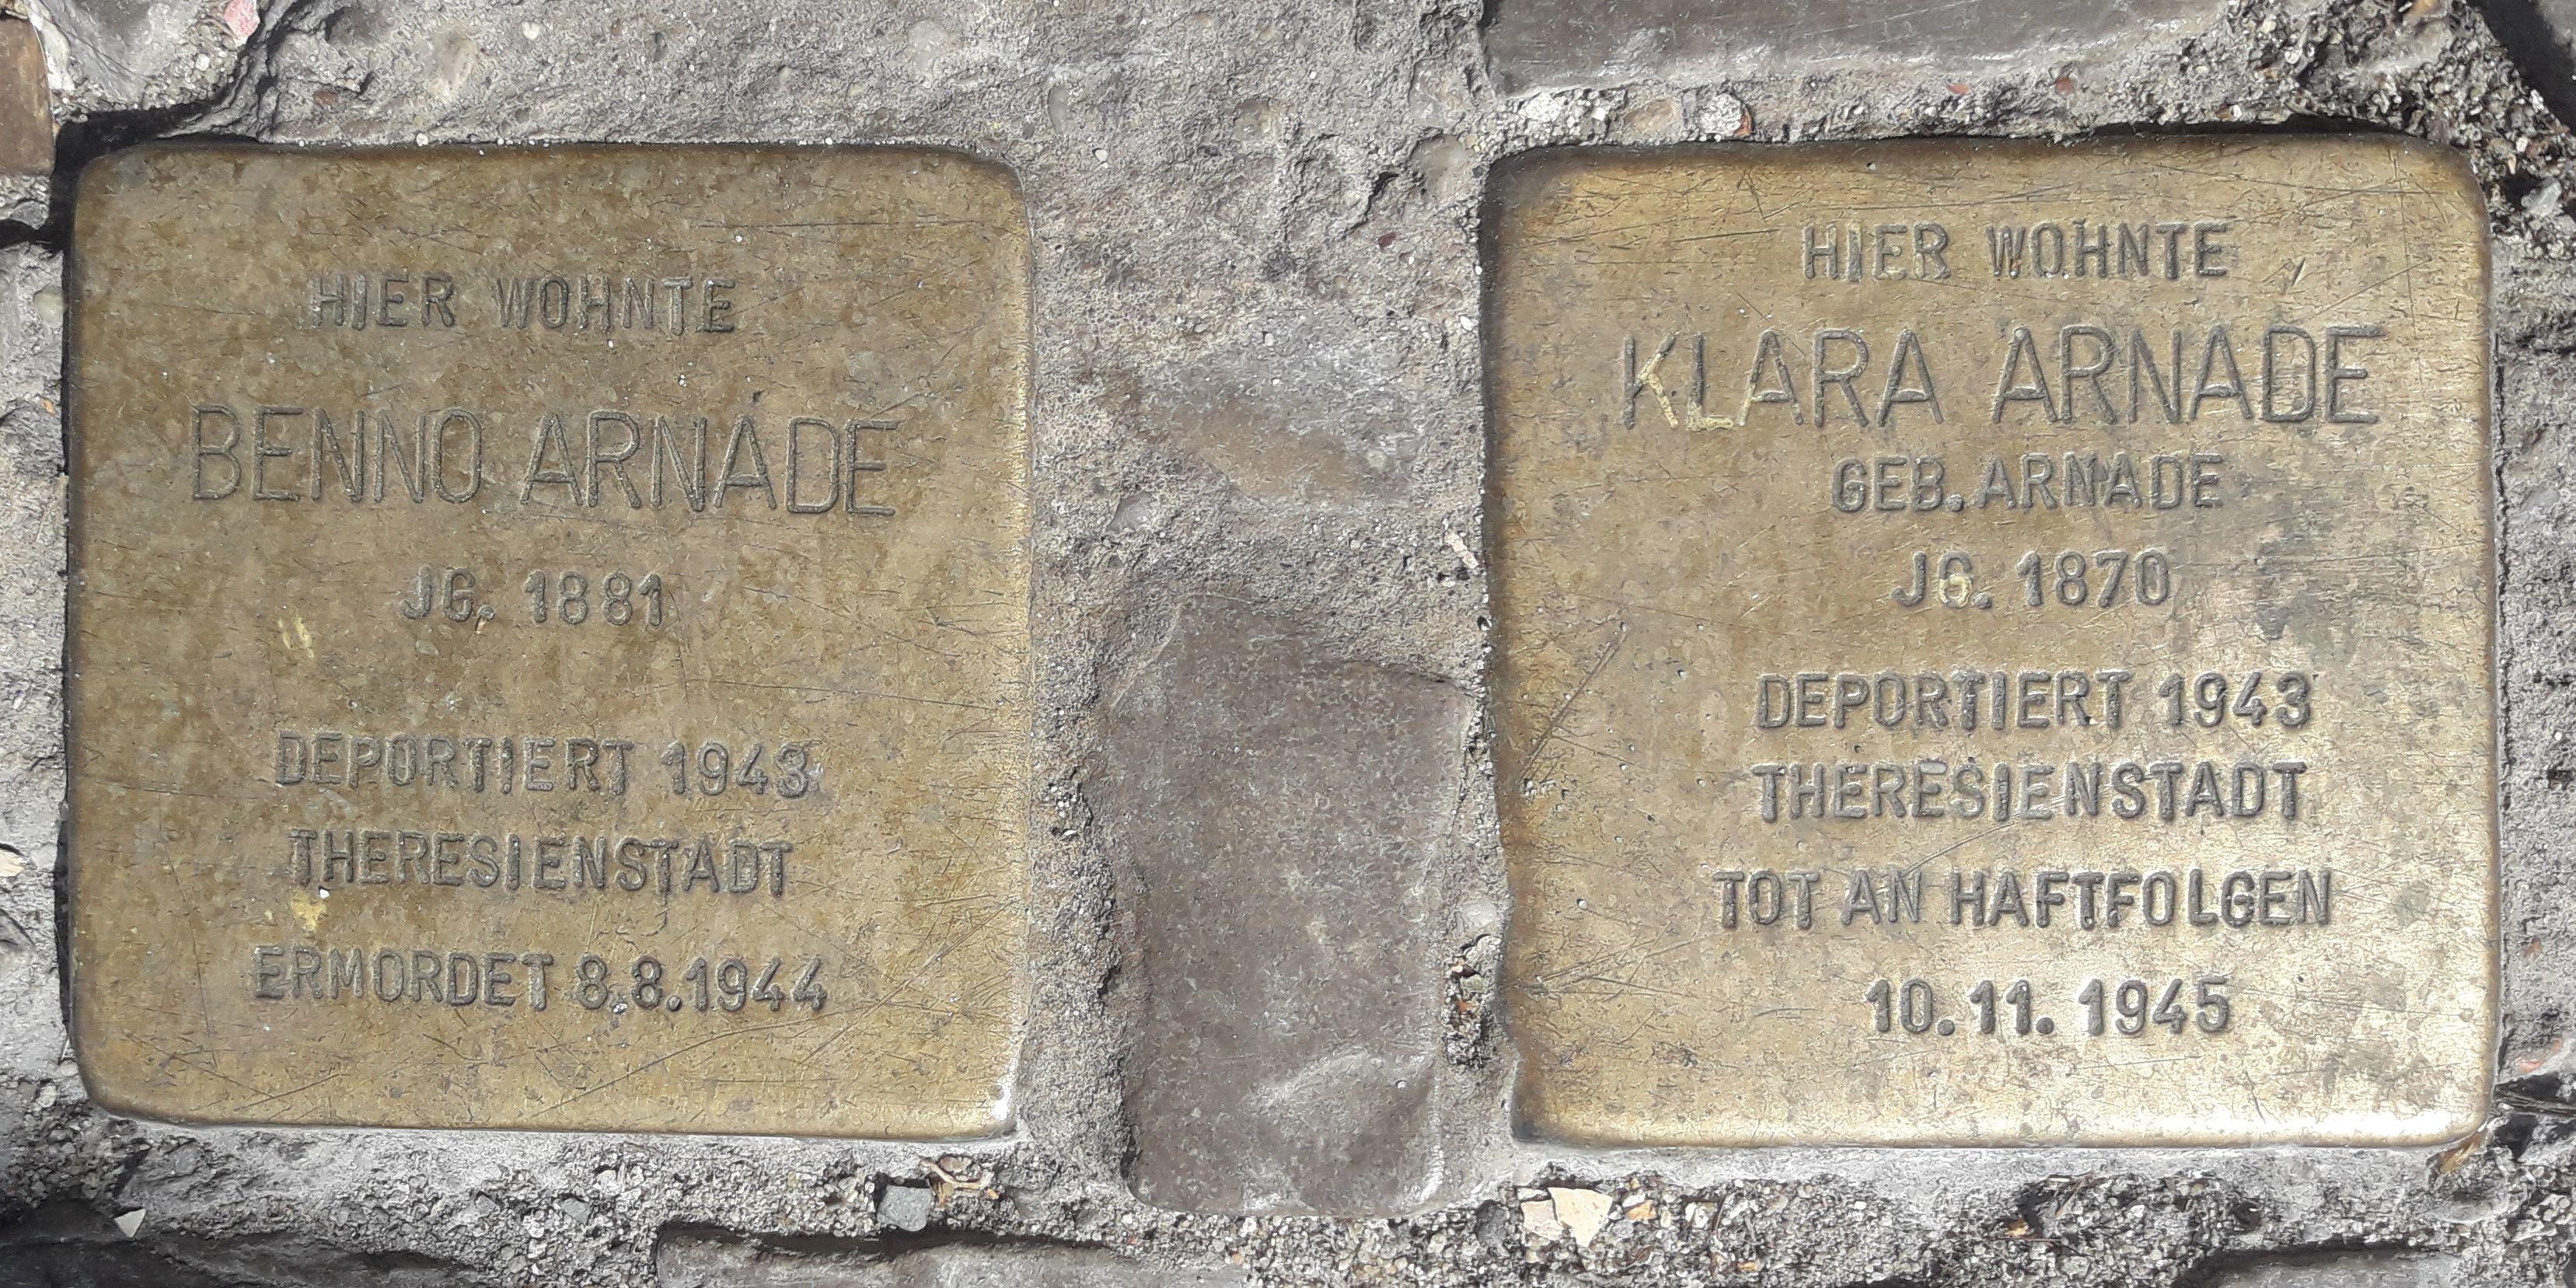 Stolperstein Arnade Berlin - Theresienstadt, Stolperstein, Schlesien, Kosel, Breslau, Berlin, Arnade, 1945, 1943, 1881, 1870